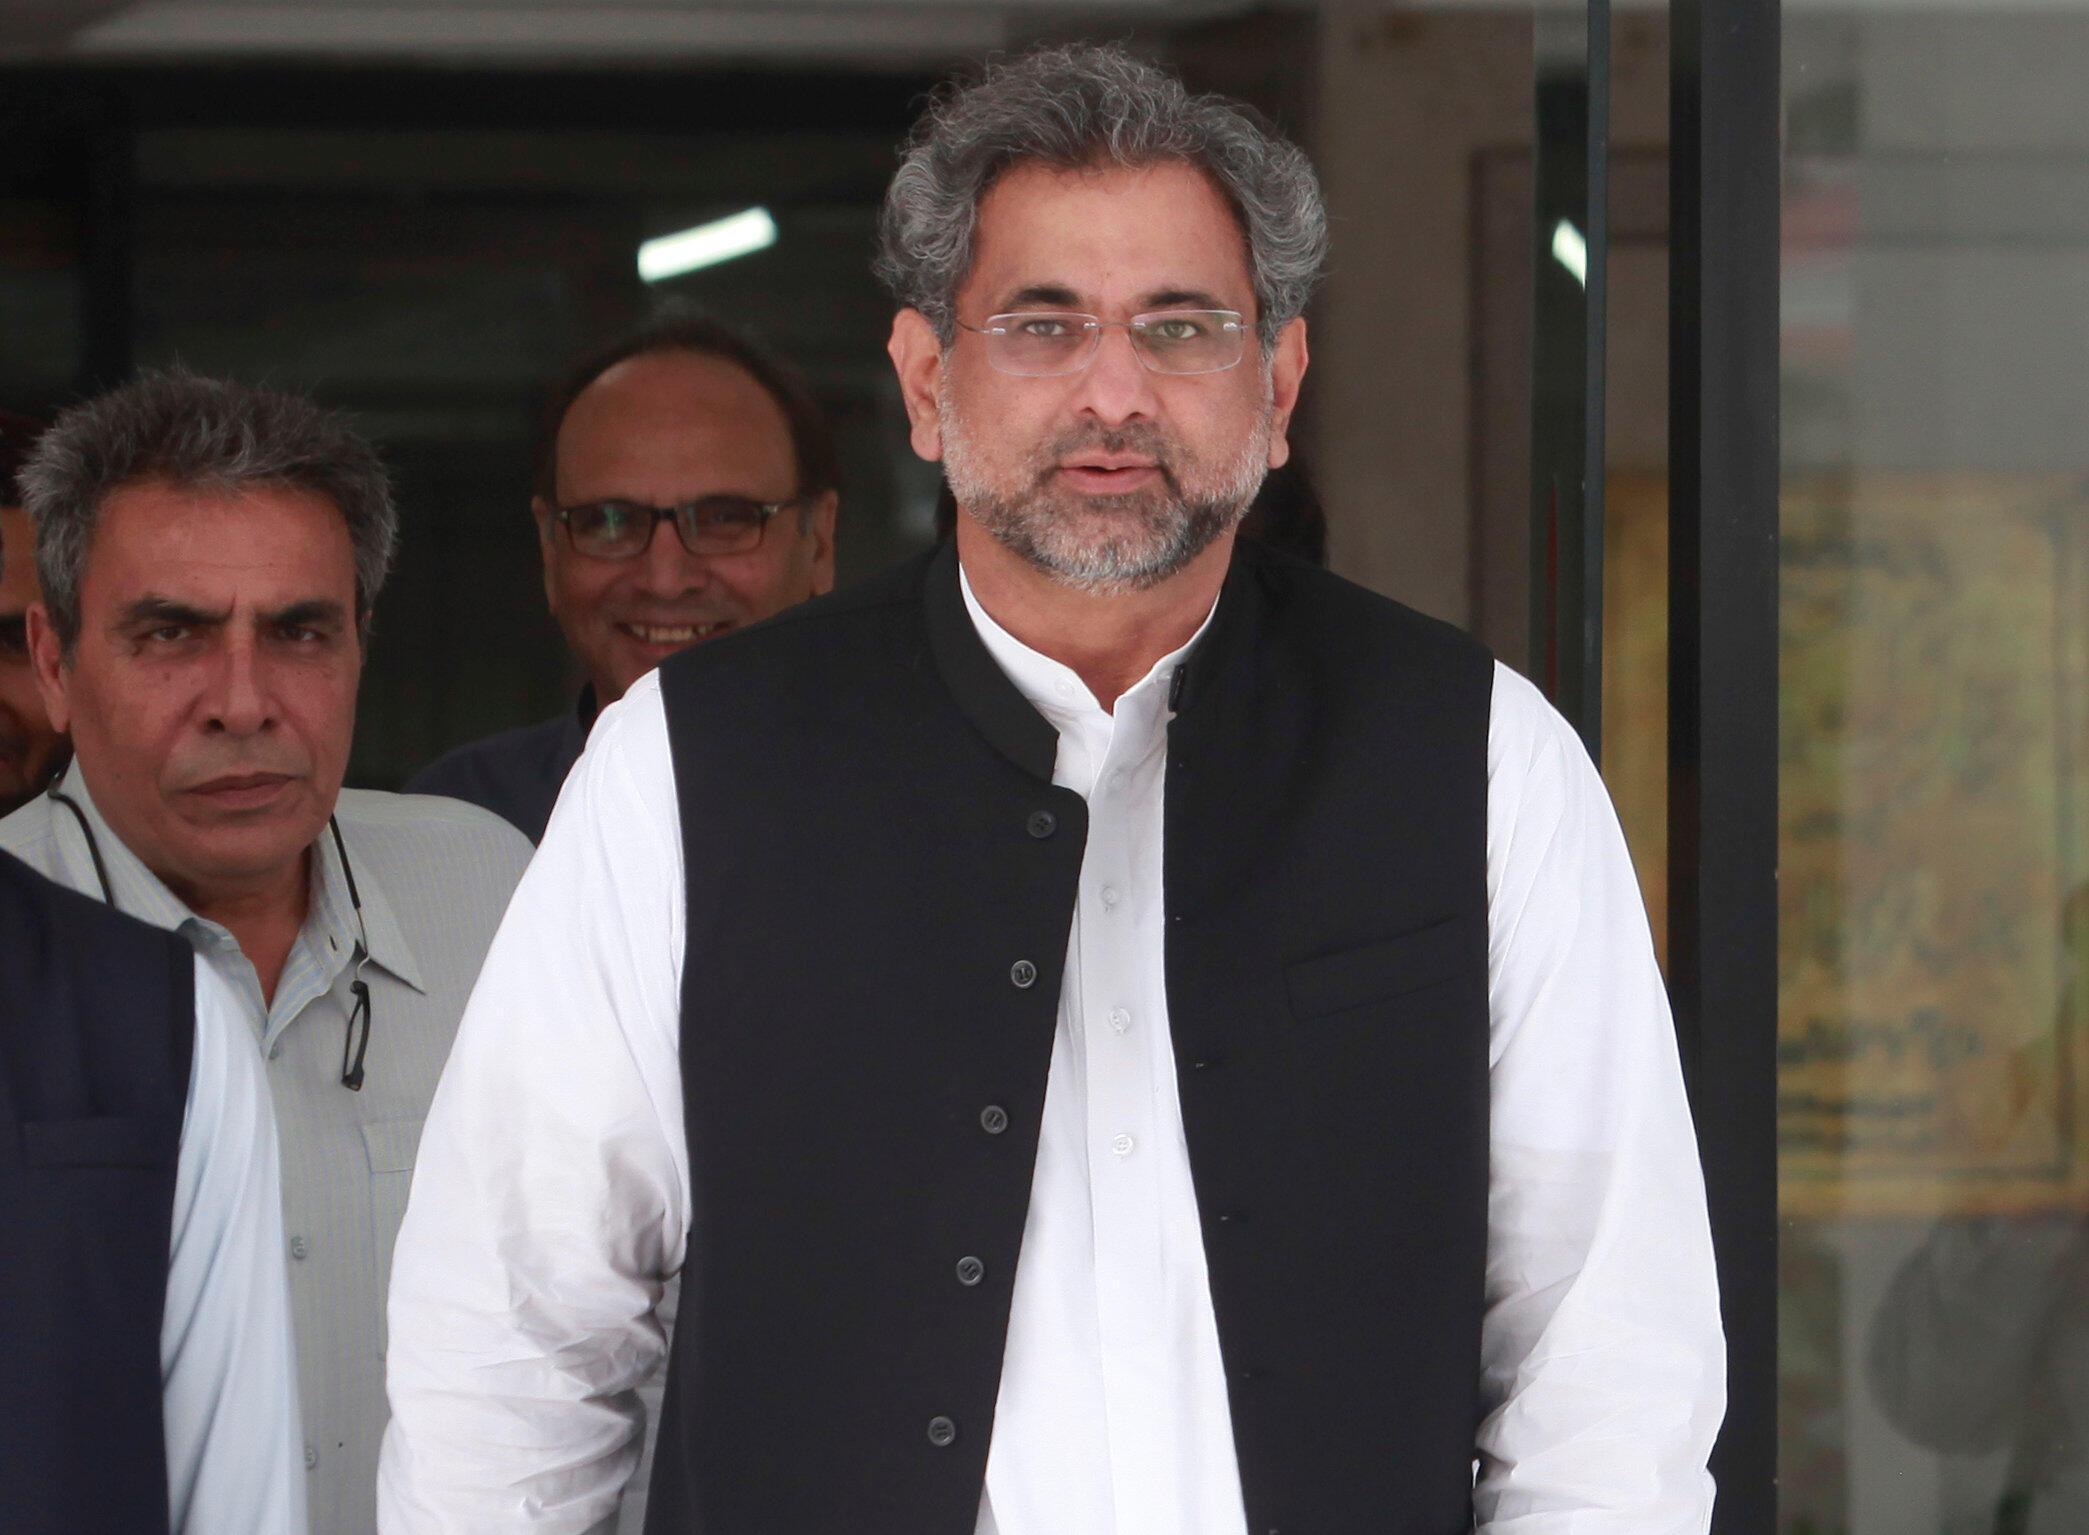 L'ex-ministre du Pétrole Shahid Khaqan Abbasi après le dépôt de sa désignation au Secrétariat du Parlement, à Islamabad, le 31 juillet 2017.